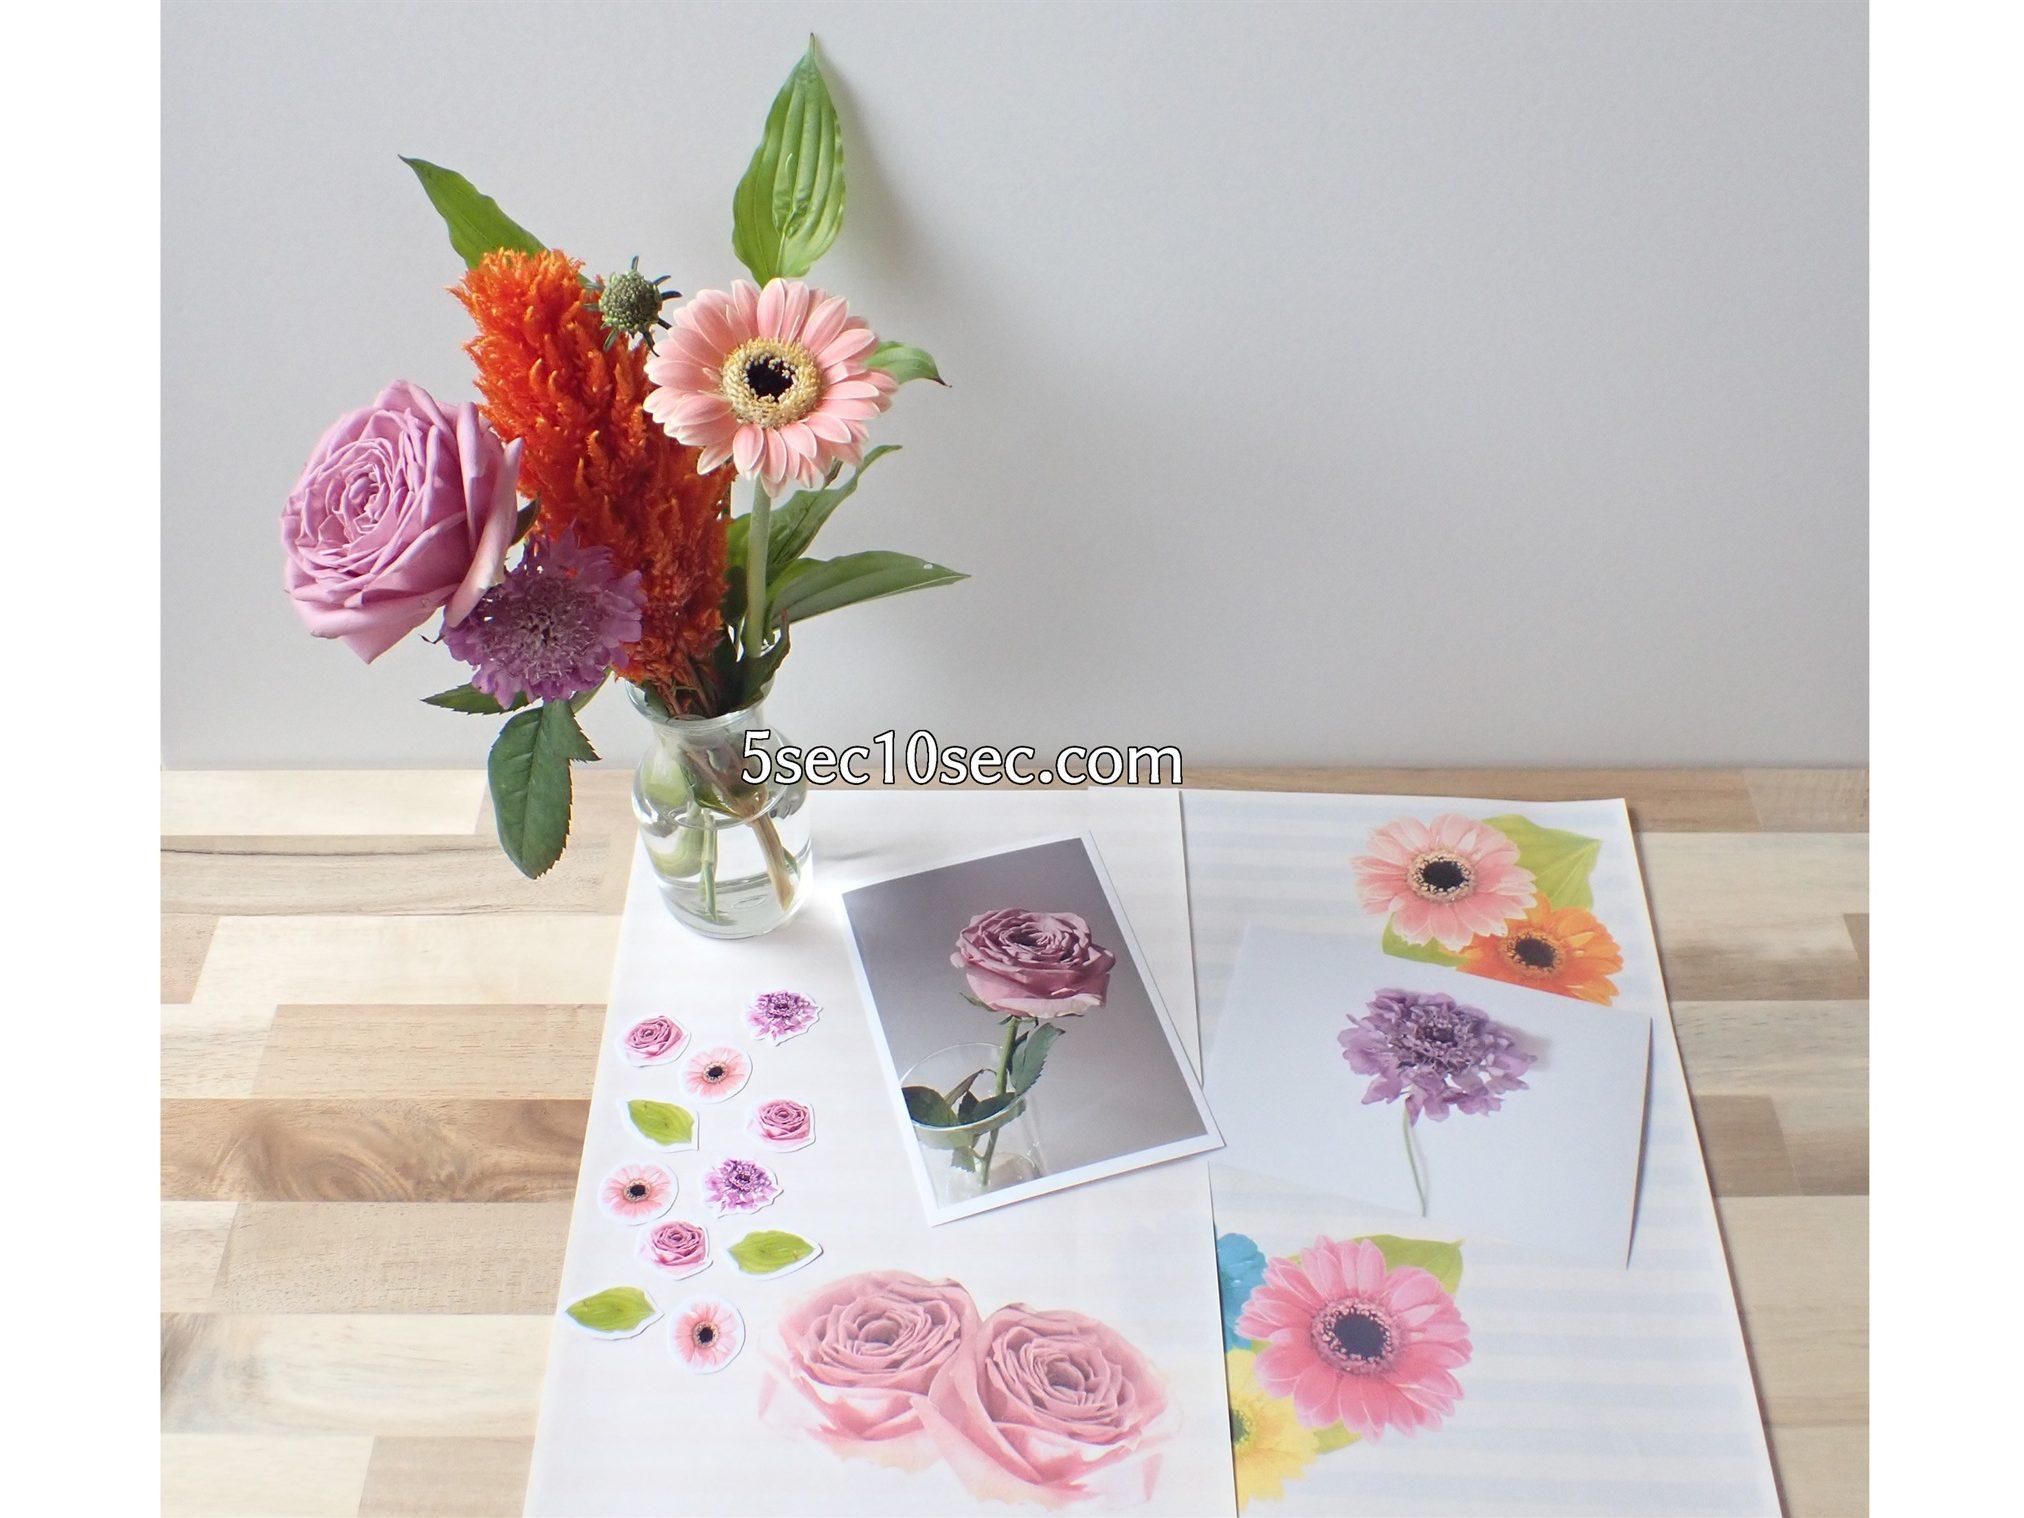 株式会社Crunch Style お花の定期便 Bloomee LIFE ブルーミーライフ レギュラープラン お花の活用方法、私のお花の楽しみ方